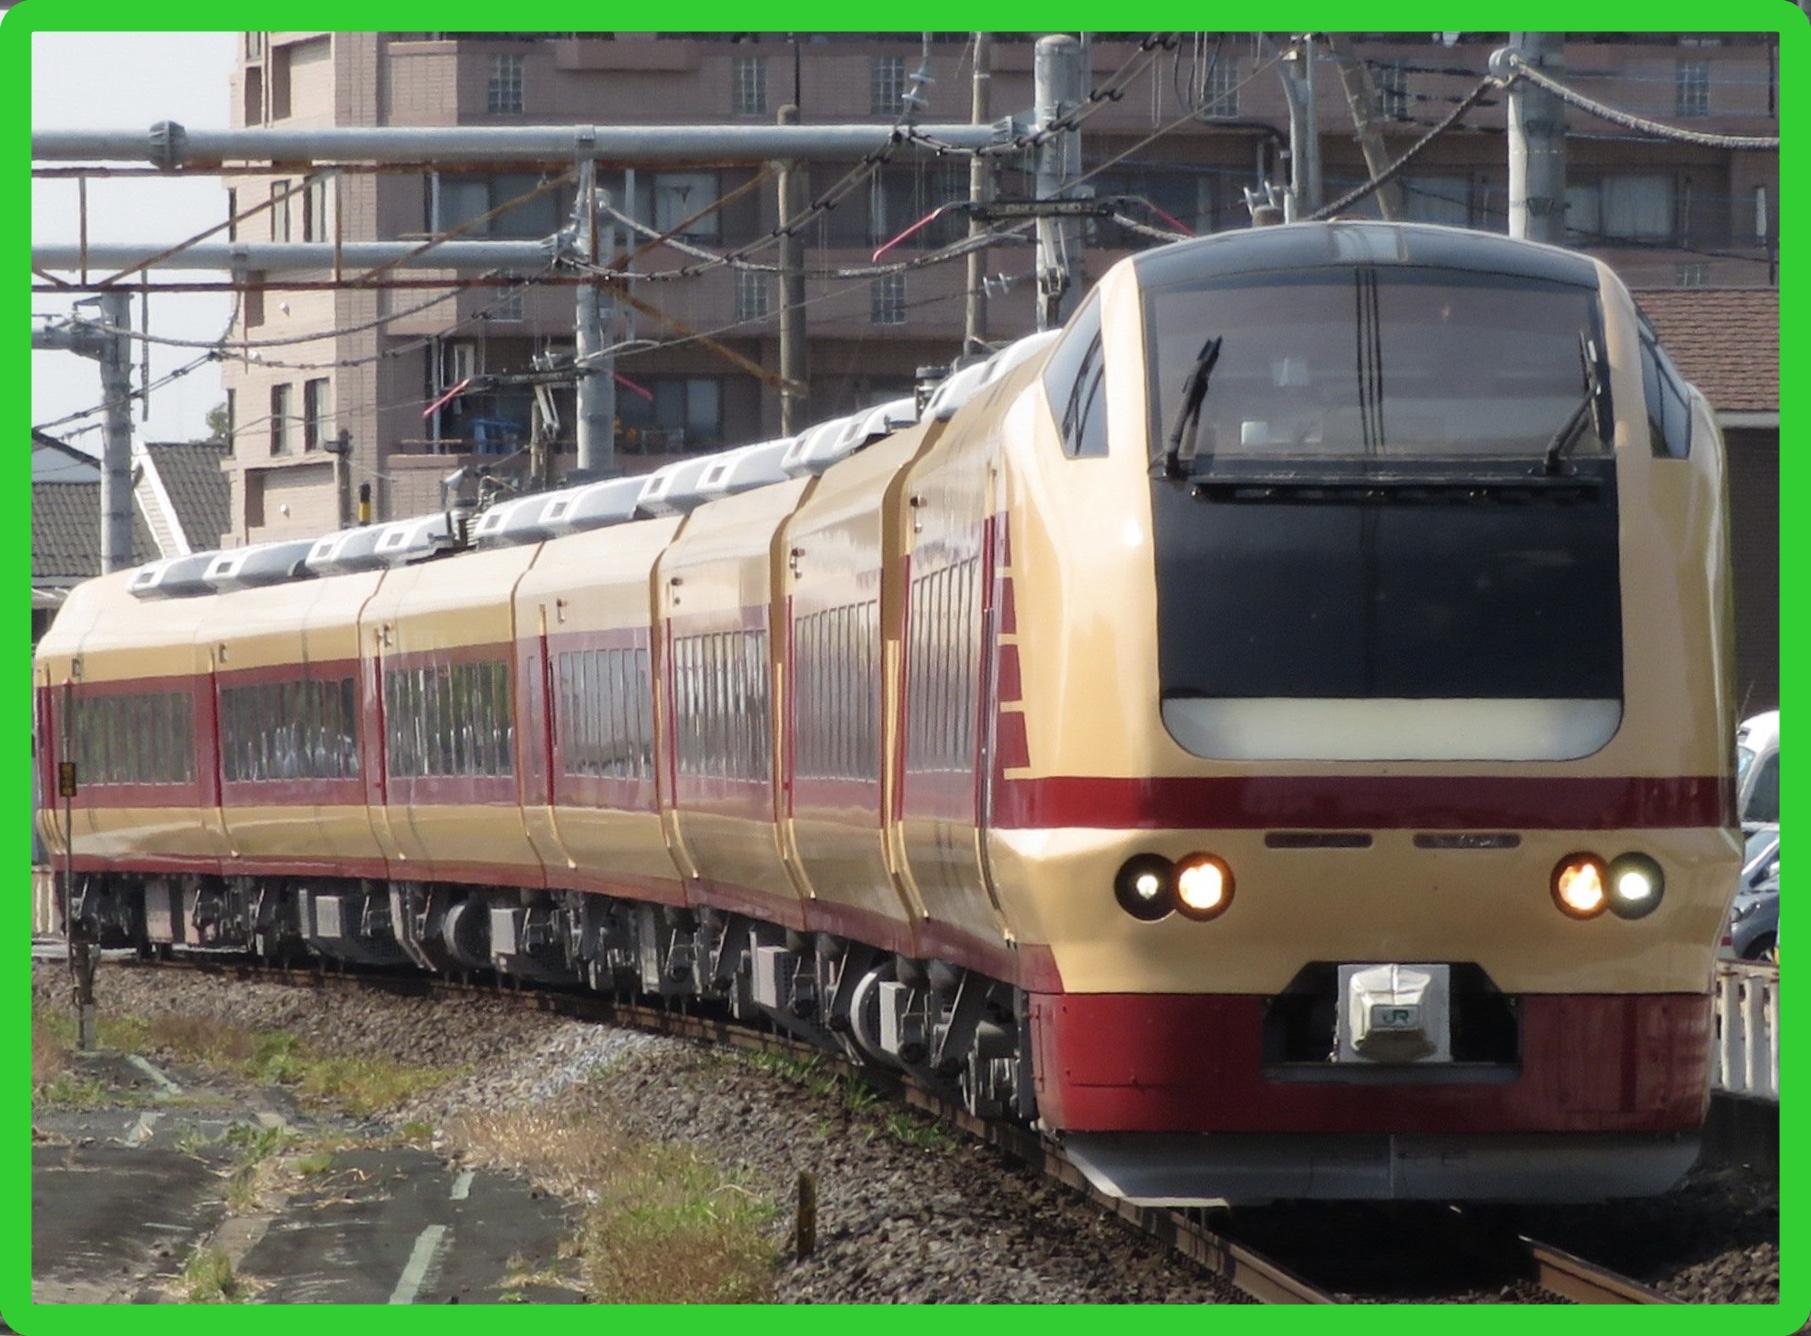 【はつかり復活は幻に】JR東日本「東北本線130周年記念号」が運転中止に 新型コロナウイルス感染防止で